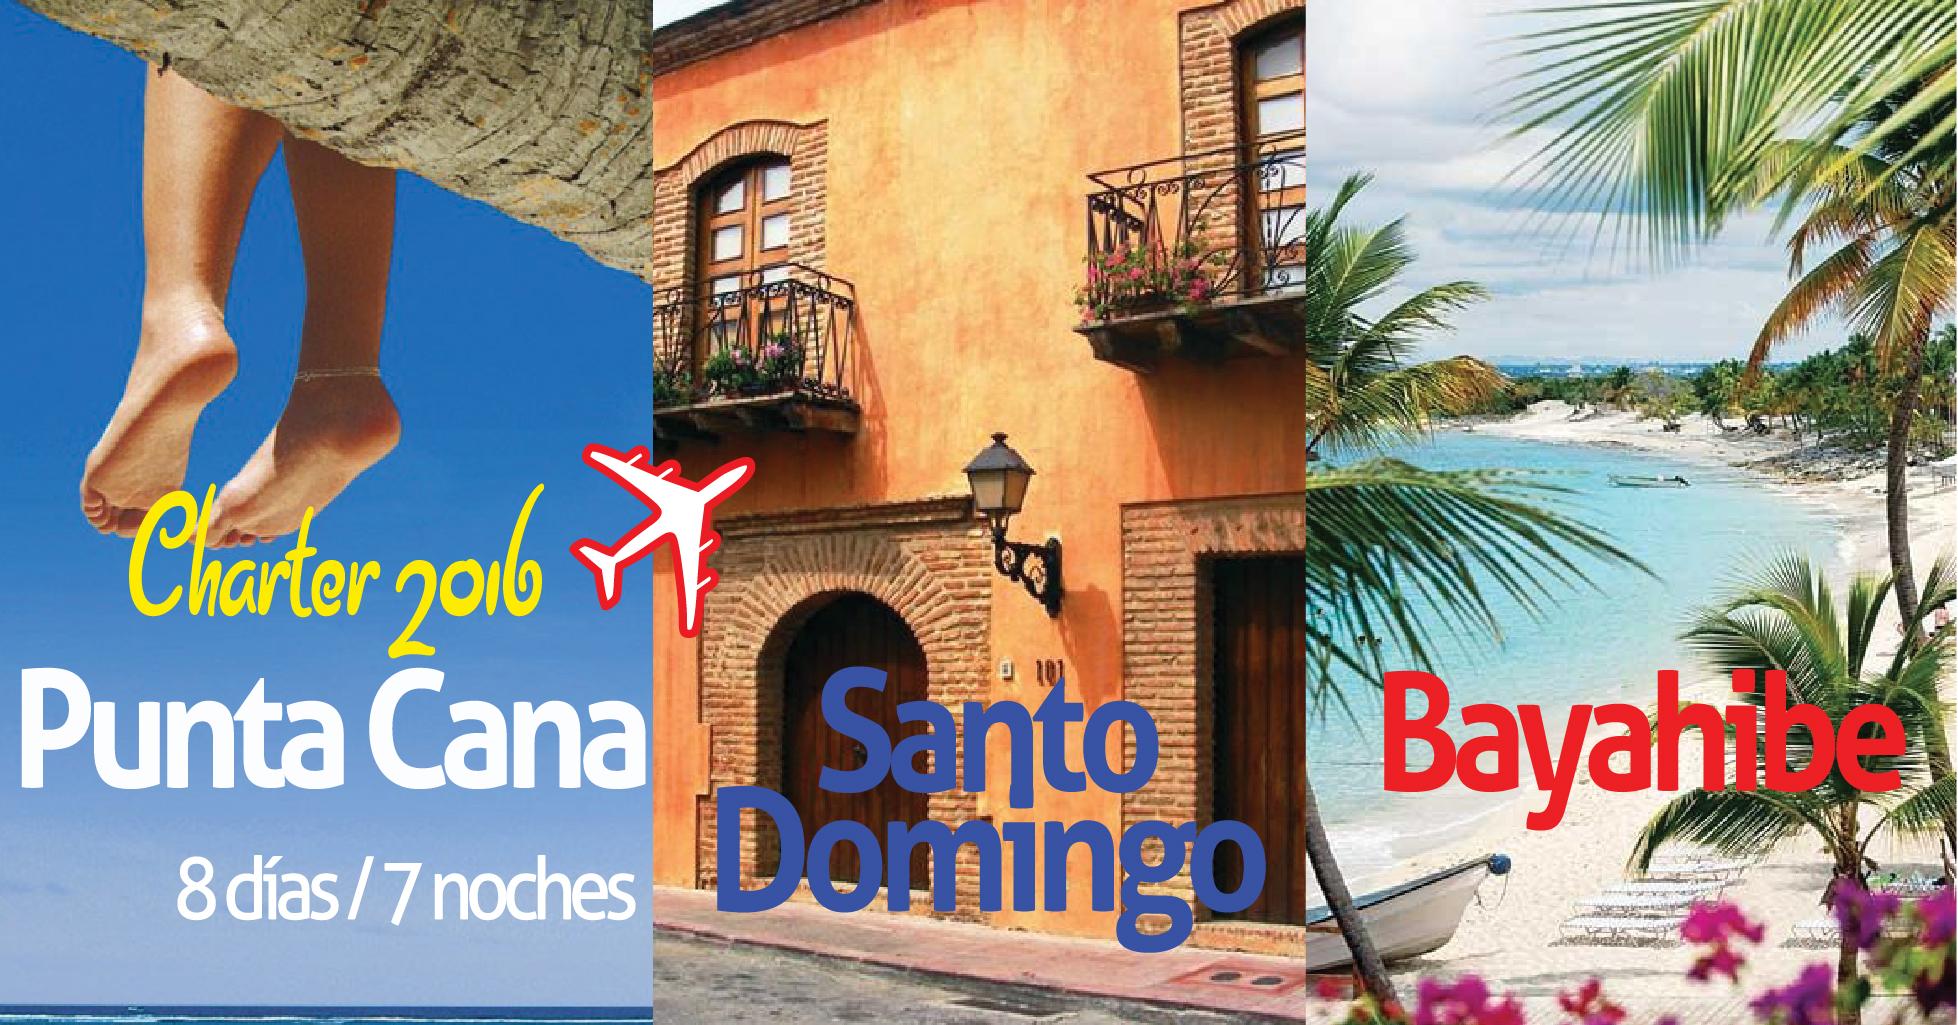 Punta Cana, Santo Domingo y Bayahibe